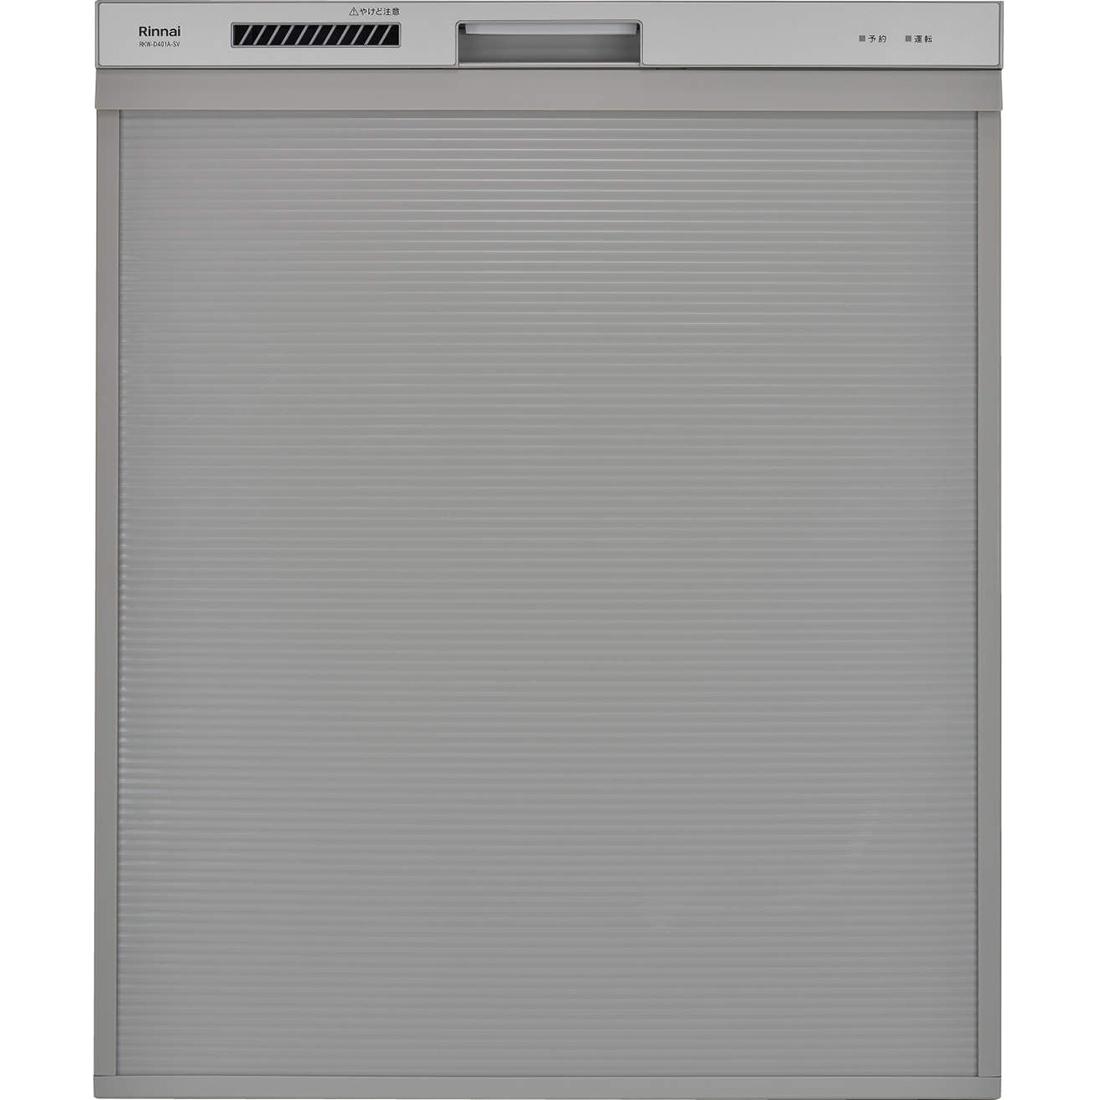 ▽###リンナイ 食器洗い乾燥機【RSW-D401A-SV】シルバー 深型スライドオープン ぎっしりカゴタイプ 幅45cm スタンダード